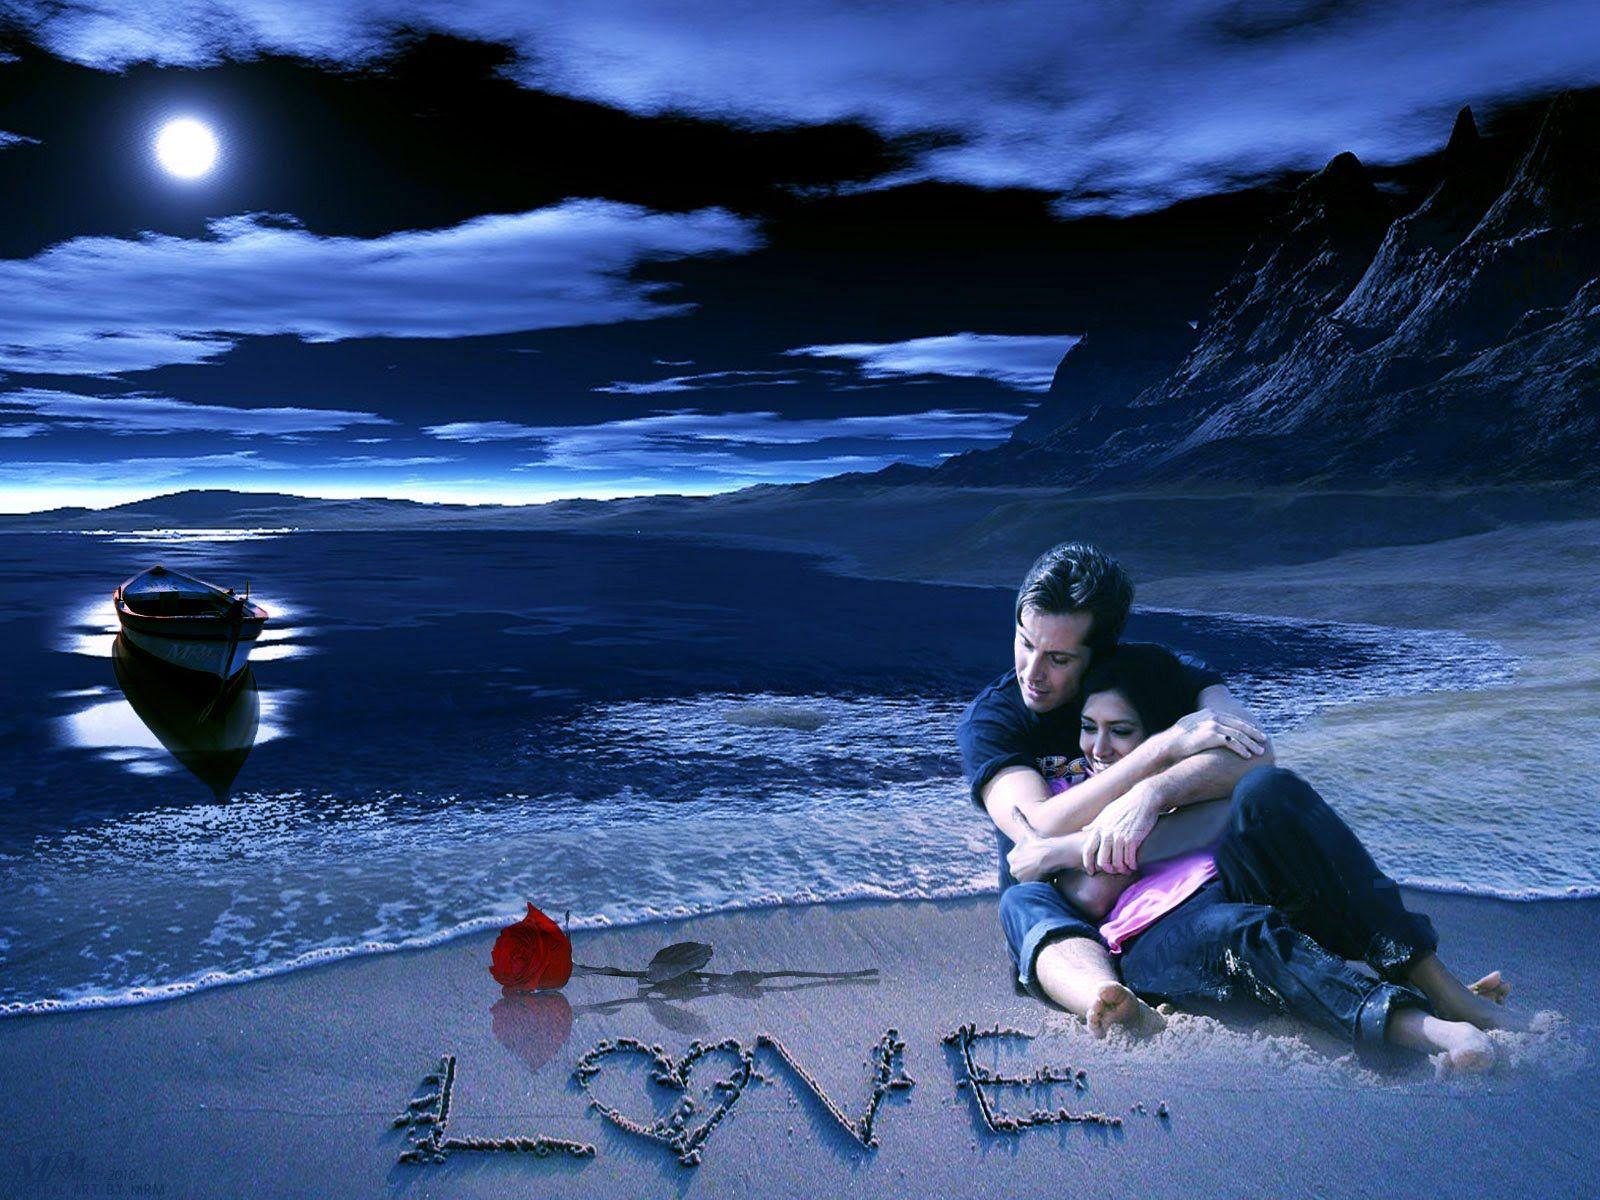 Фото с надписями о любви к девушке, снов картинки